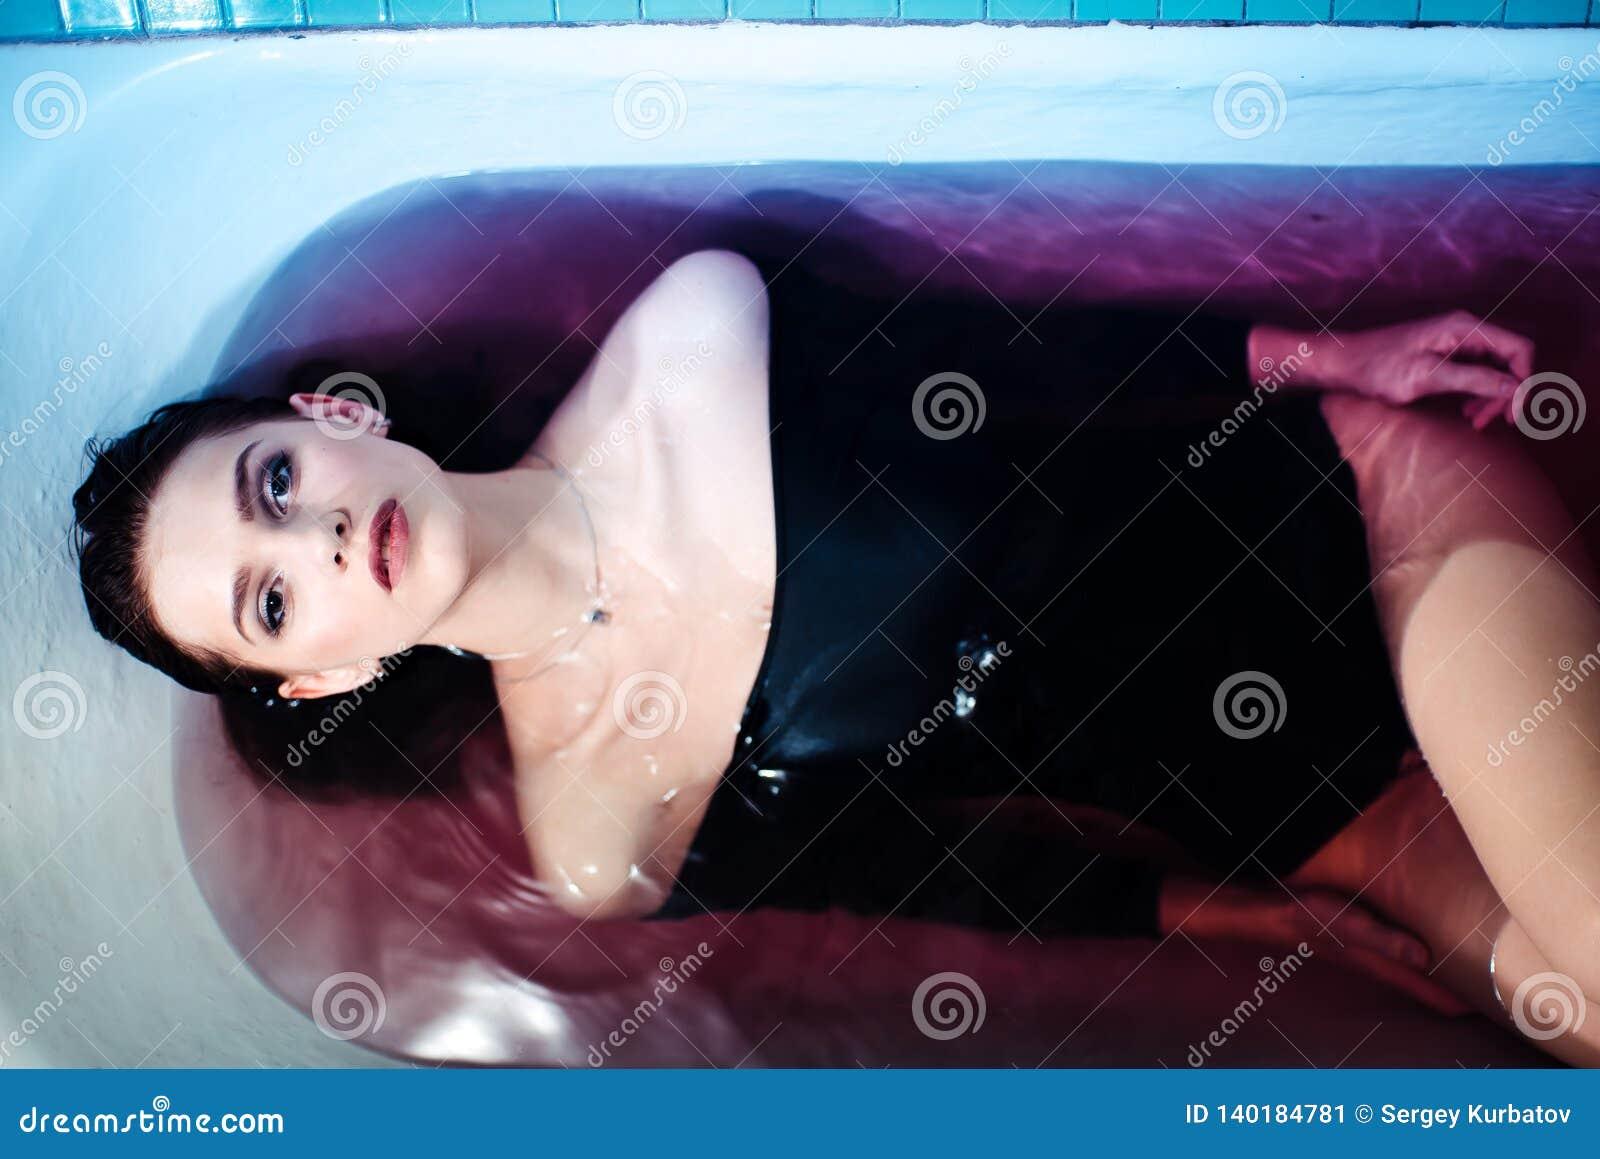 Сексуальная женщина в bodysuit в ванне Яркий свет и покрашенная вода чуть-чуть плечи